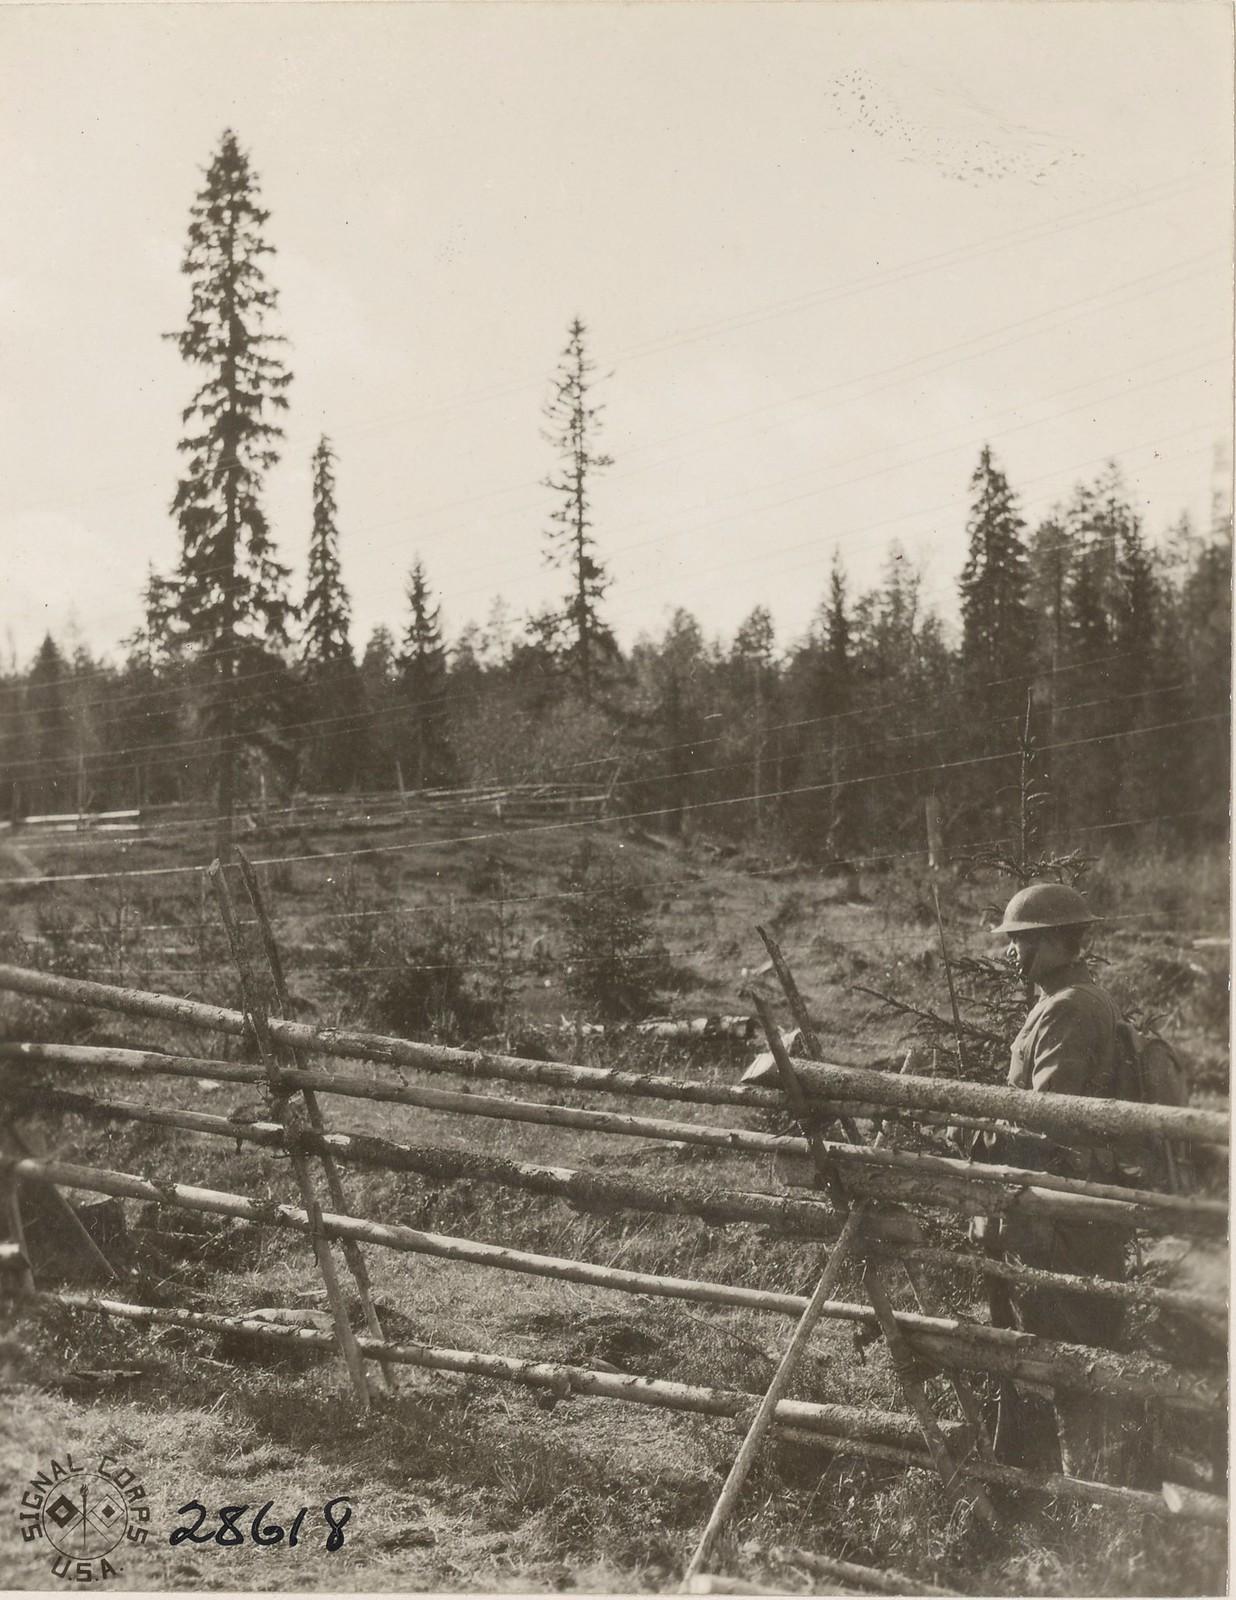 Обозерская. Передовой пост американской армии вдоль линии железной дороги